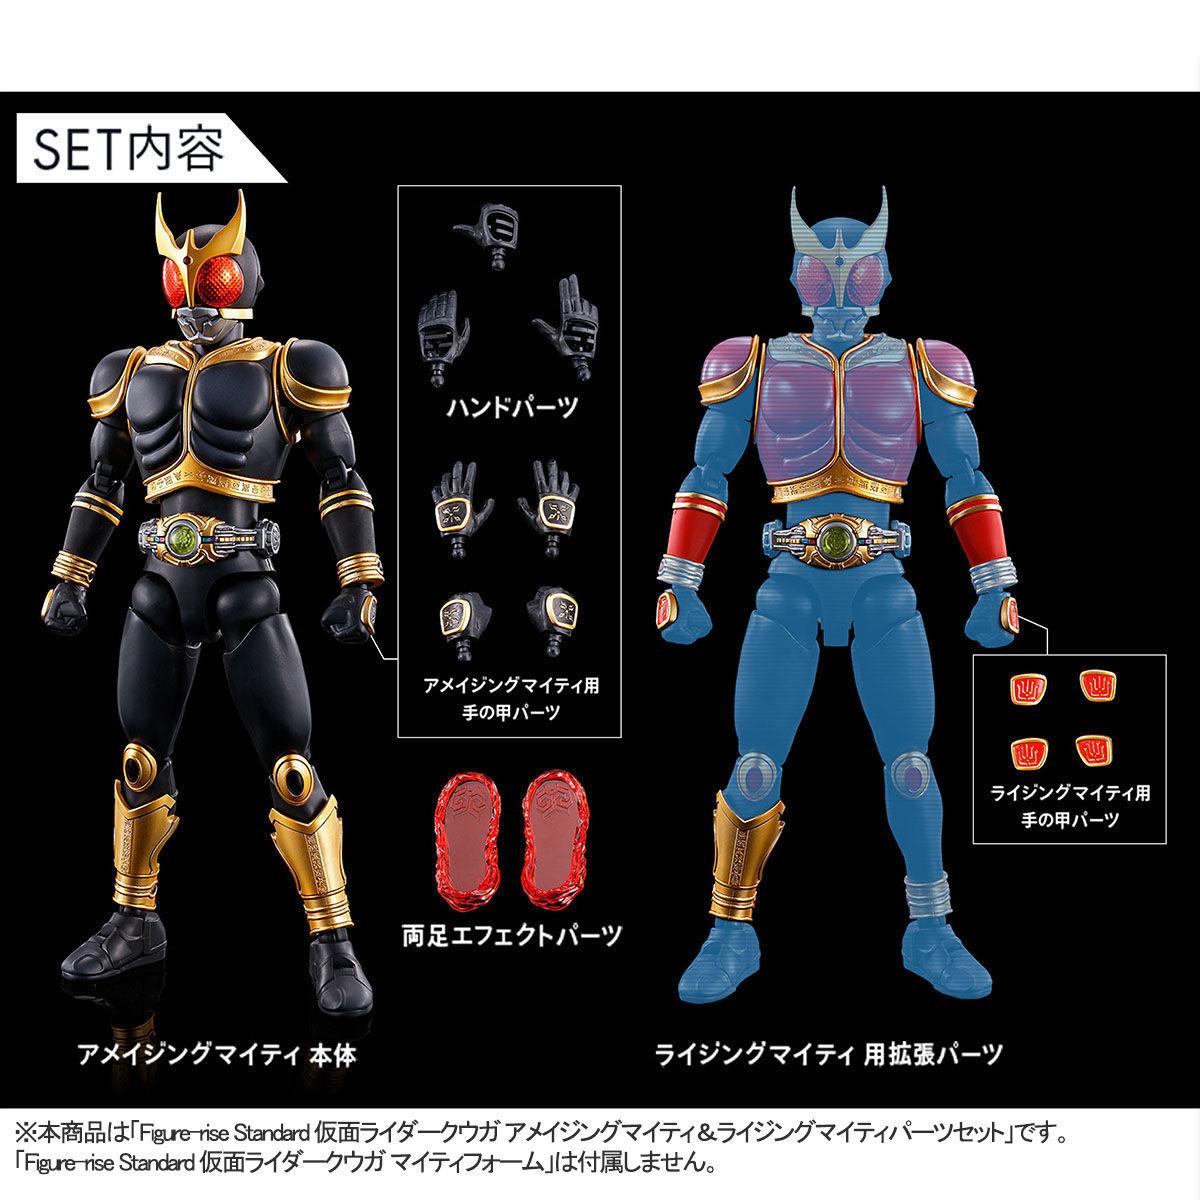 Figure-rise Standard 仮面ライダークウガ アメイジングマイティ&ライジングマイティパーツセット12